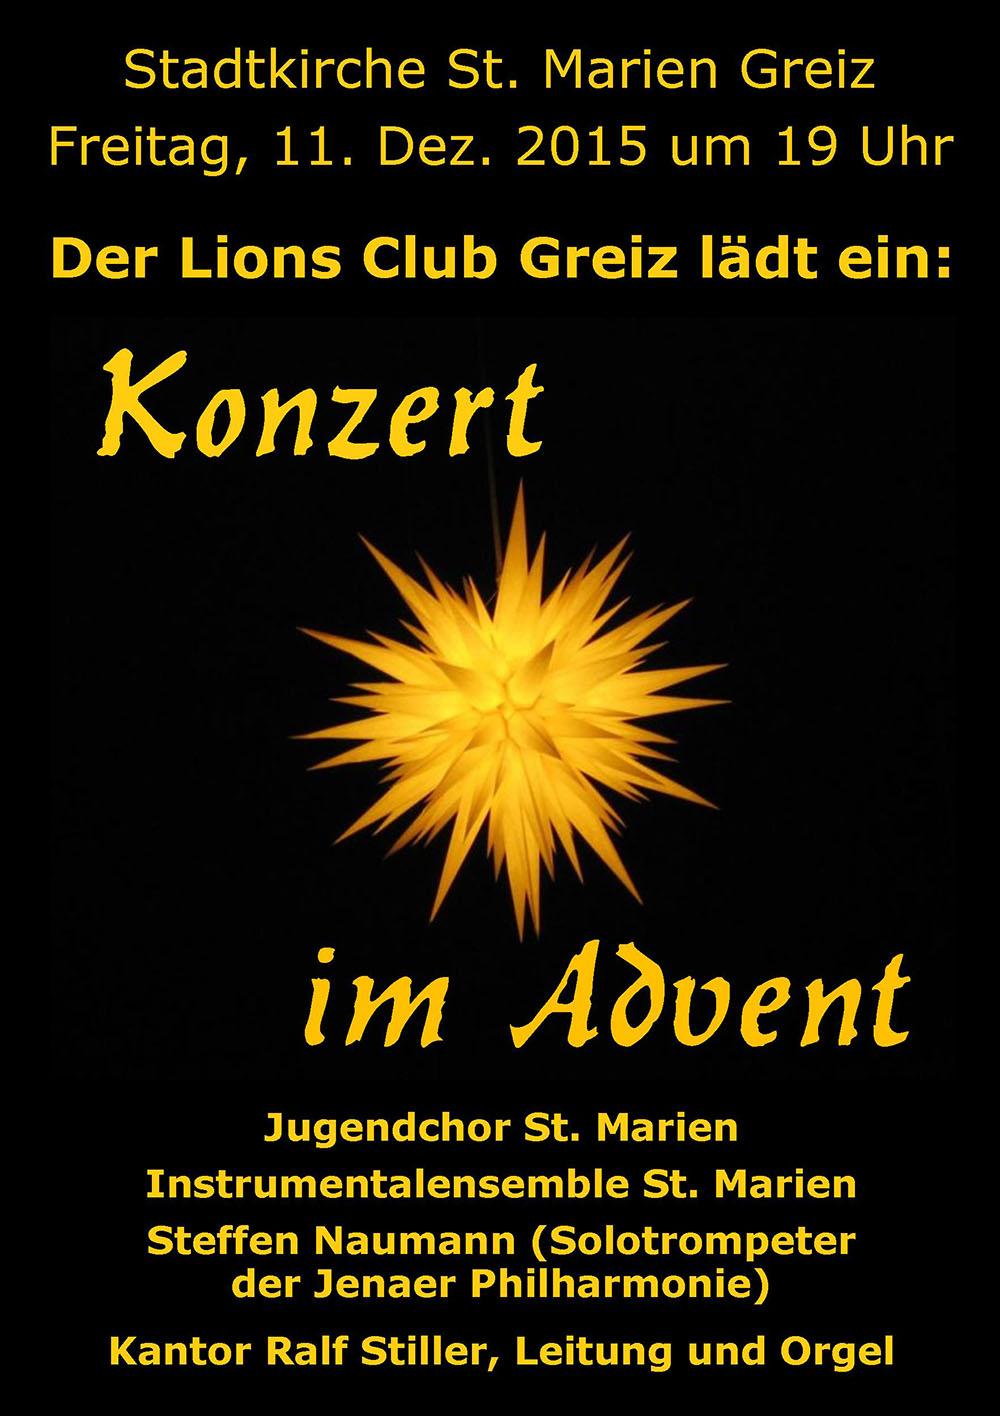 Plakat zu dem Konzert